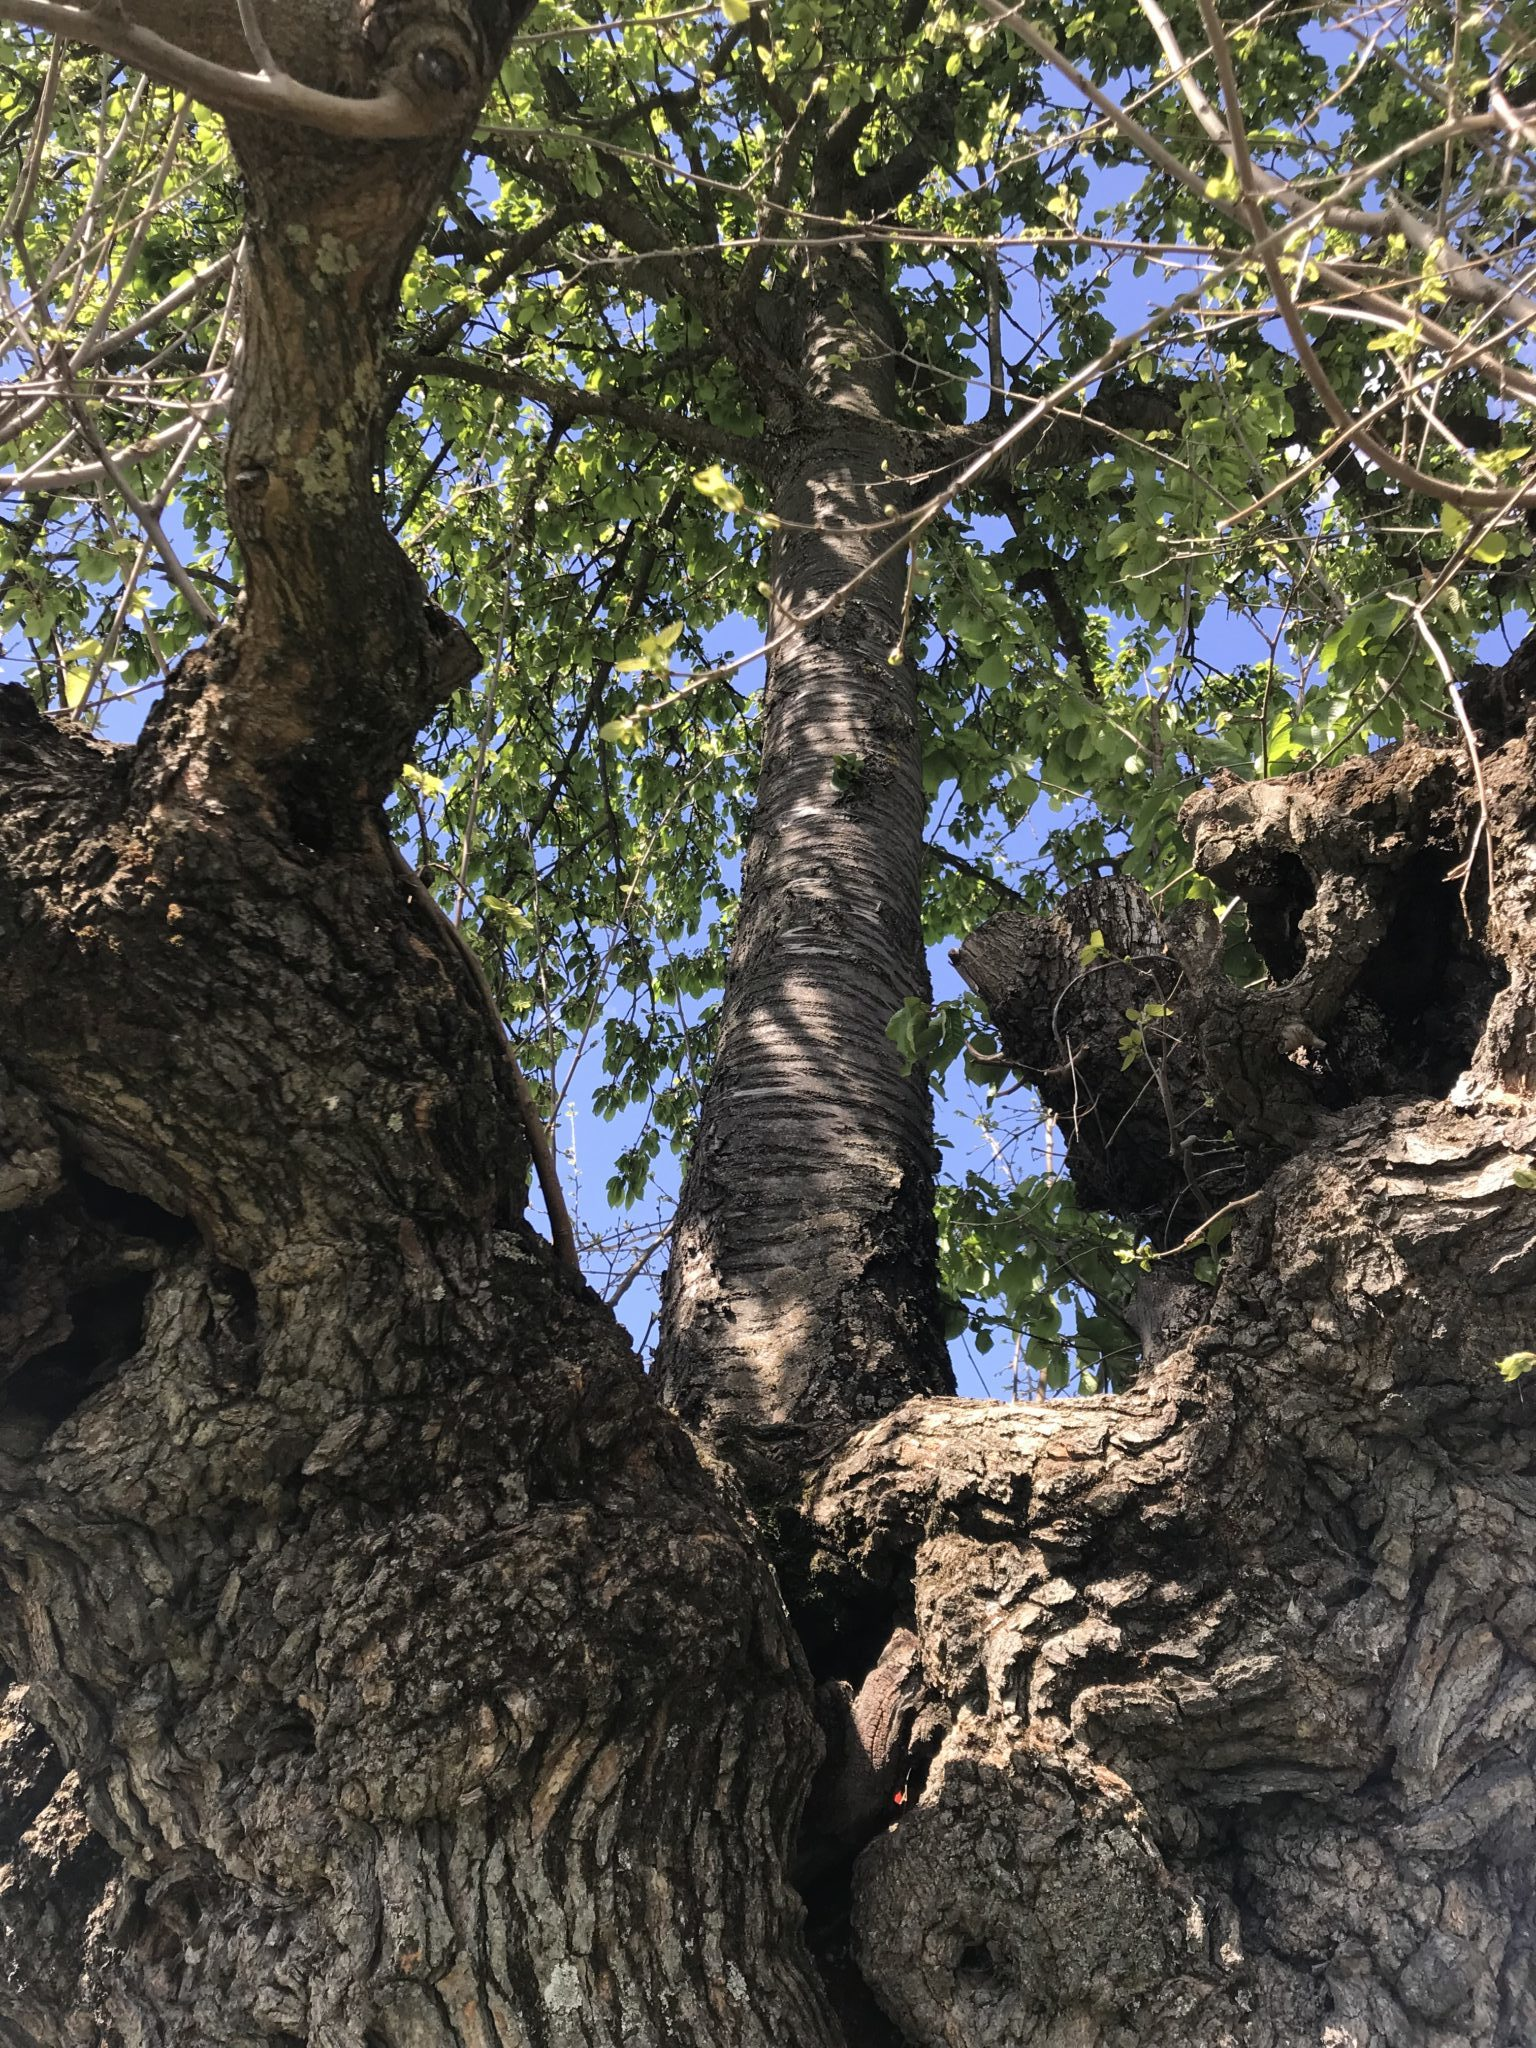 In provincia di Asti, nella strada tra Grana e Catorzo, terra della Malvasia, c'è un paesaggio unico. Un albero su cui sorge un altro albero: il Bialbero